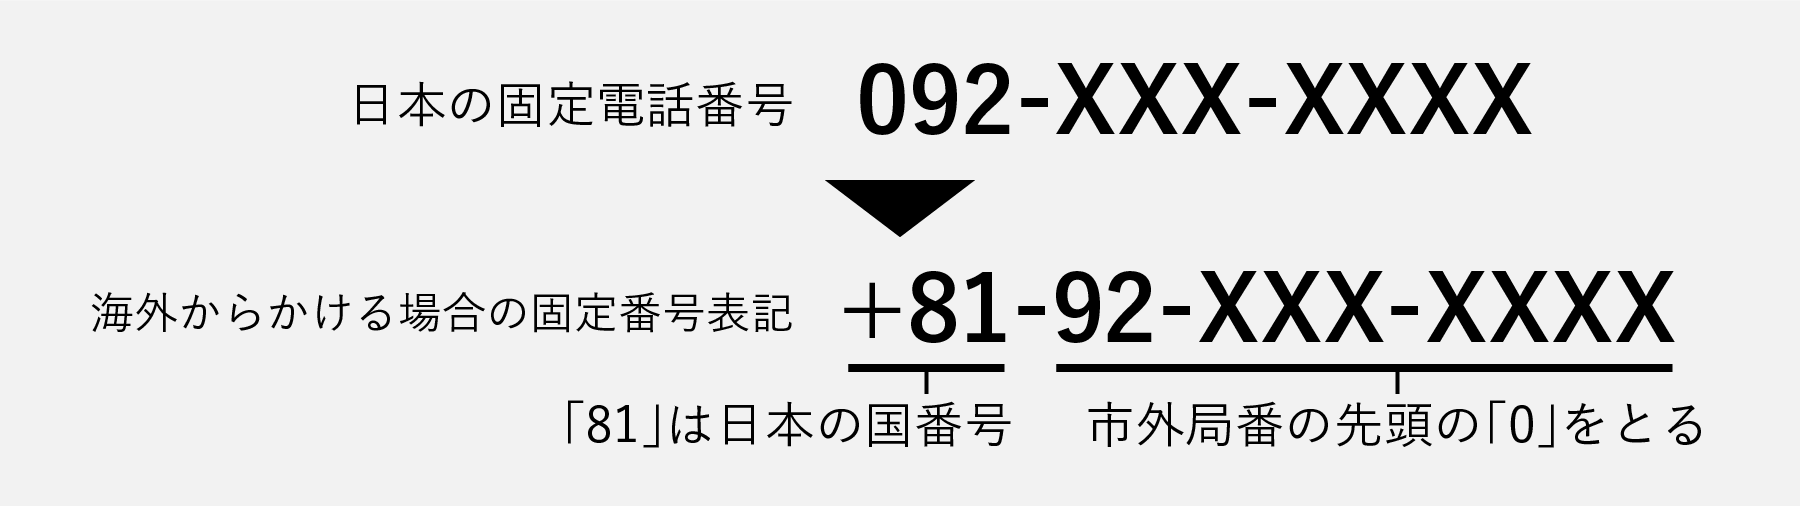 固定電話番号の場合-電話番号の海外表記